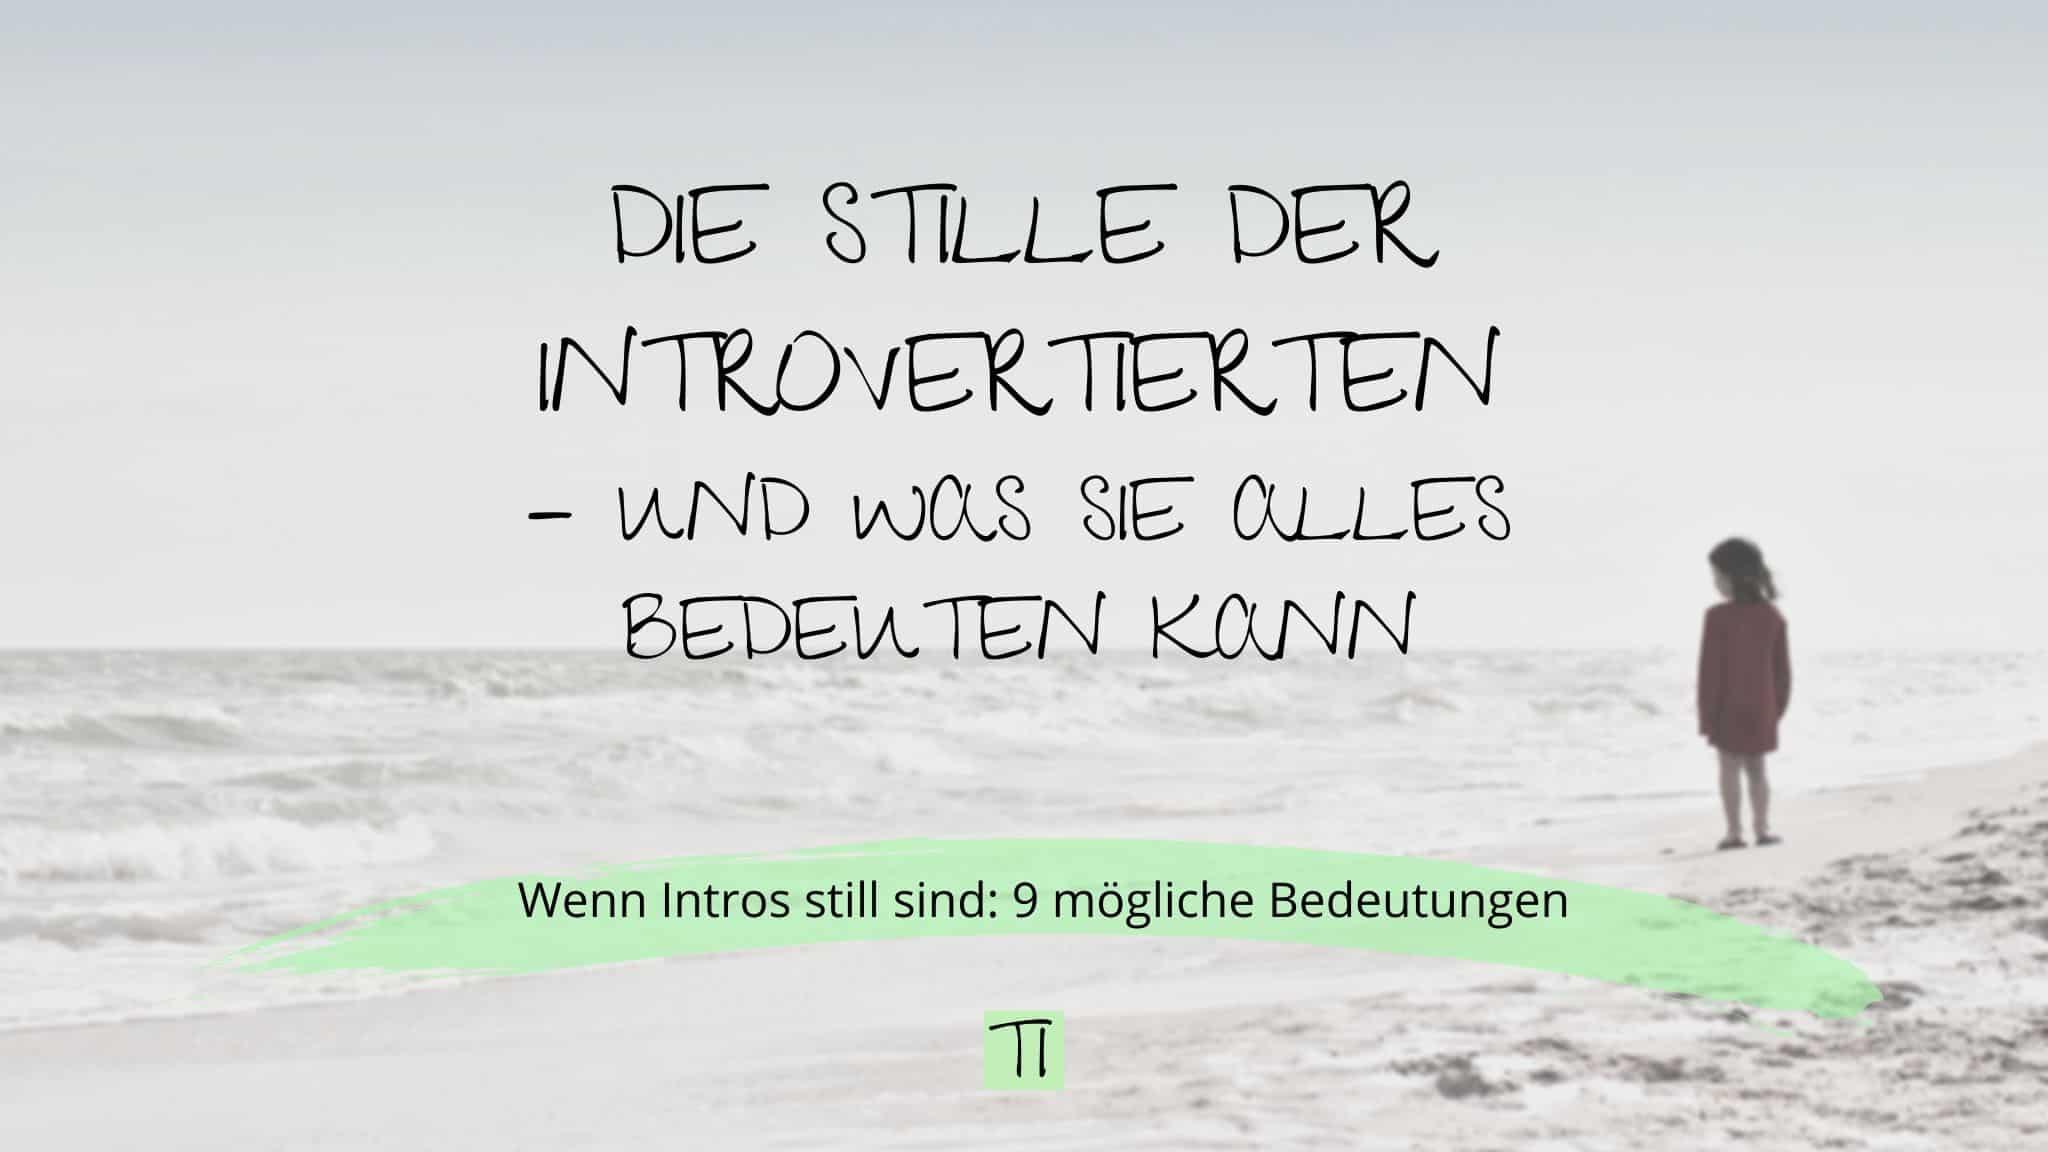 Titel: Die Stille der Introvertierten - und was sie alles bedeuten kann | Team Introvertiert